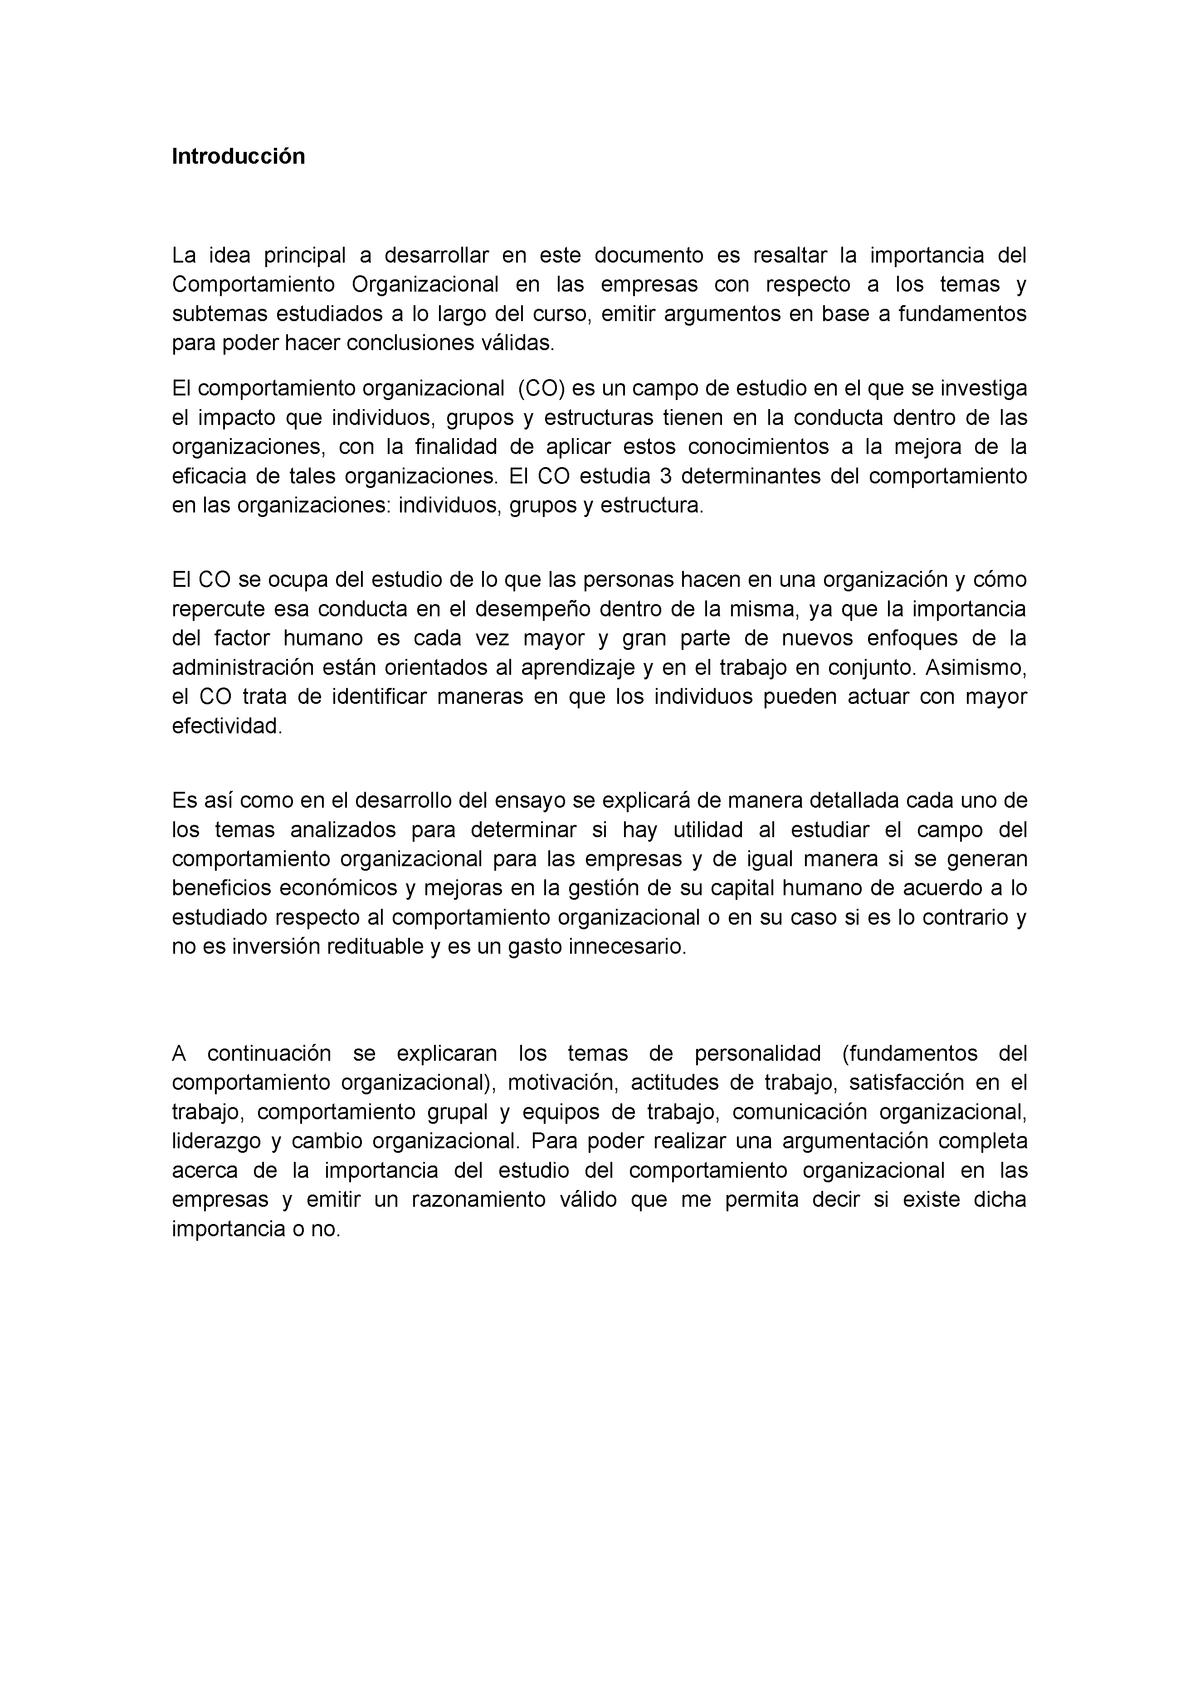 Ensayo Sobre El Comportamiento Organizacional Unitec Studocu